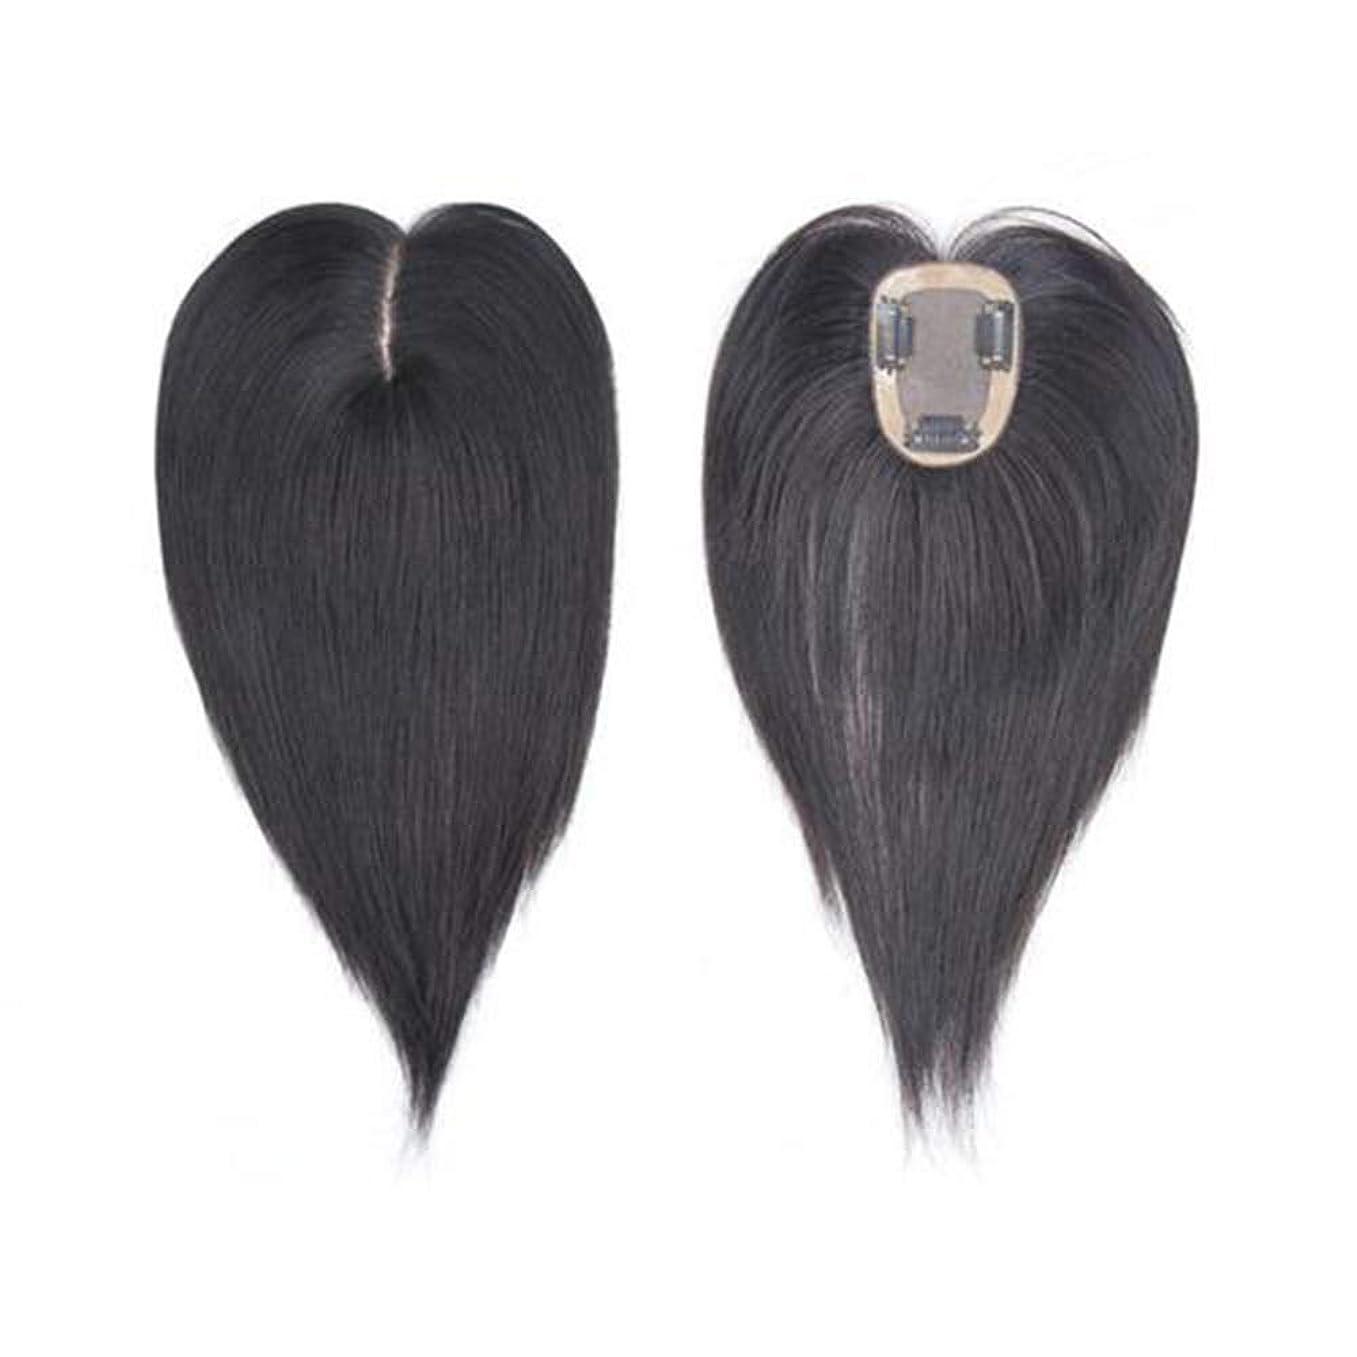 意図スプーン建築家BOBIDYEE ダークブラウンロングストレートヘア手織りリアルヘアウィッグ女性のための人工毛レースかつらロールプレイングウィッグロングとショートの女性自然 (色 : Dark brown, サイズ : 25cm)